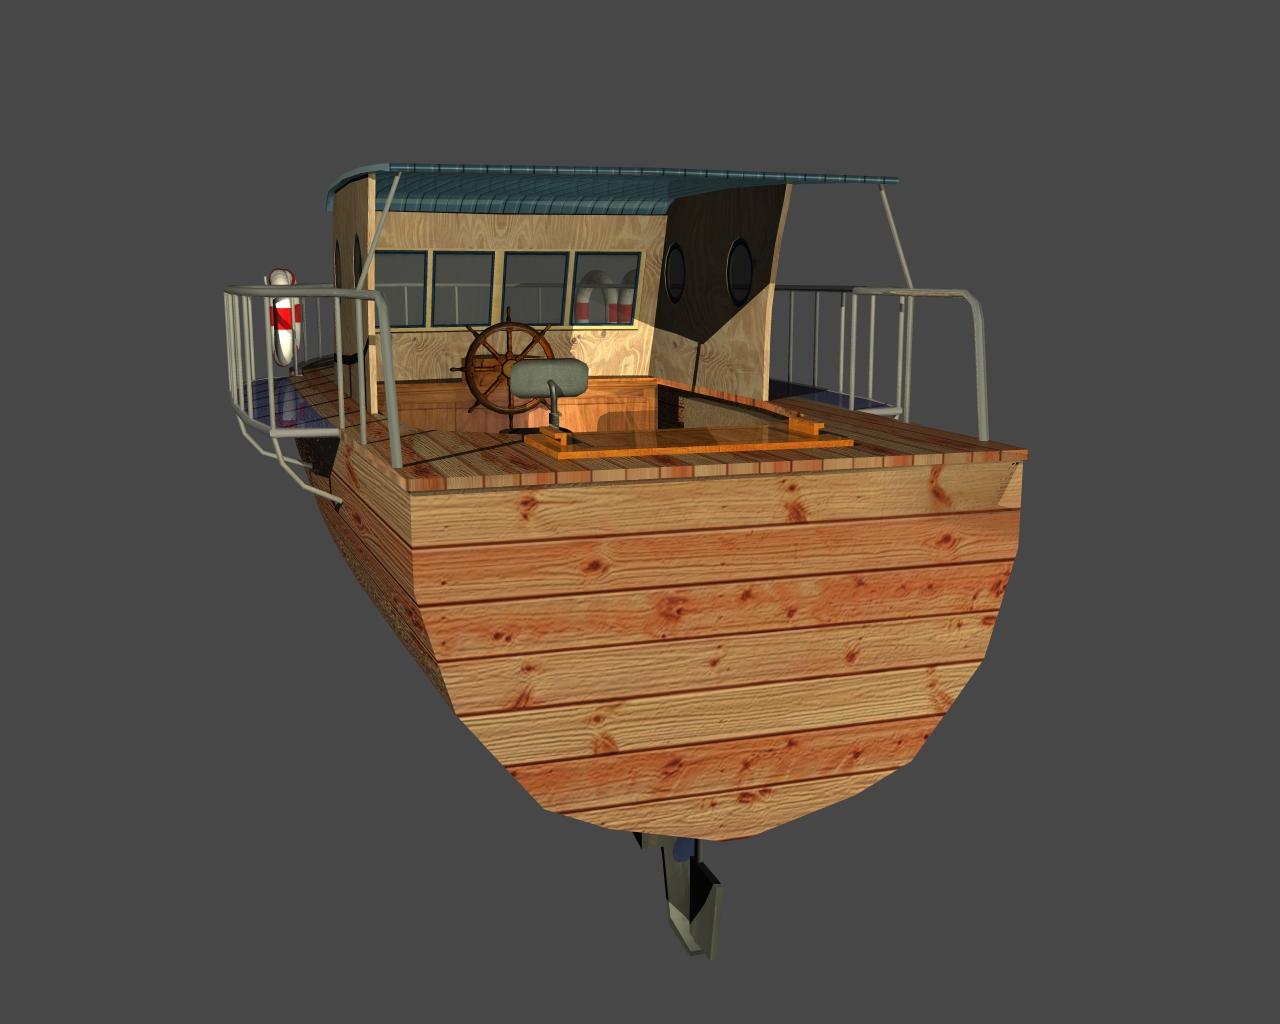 jauns laiva 3d 3ds 165409